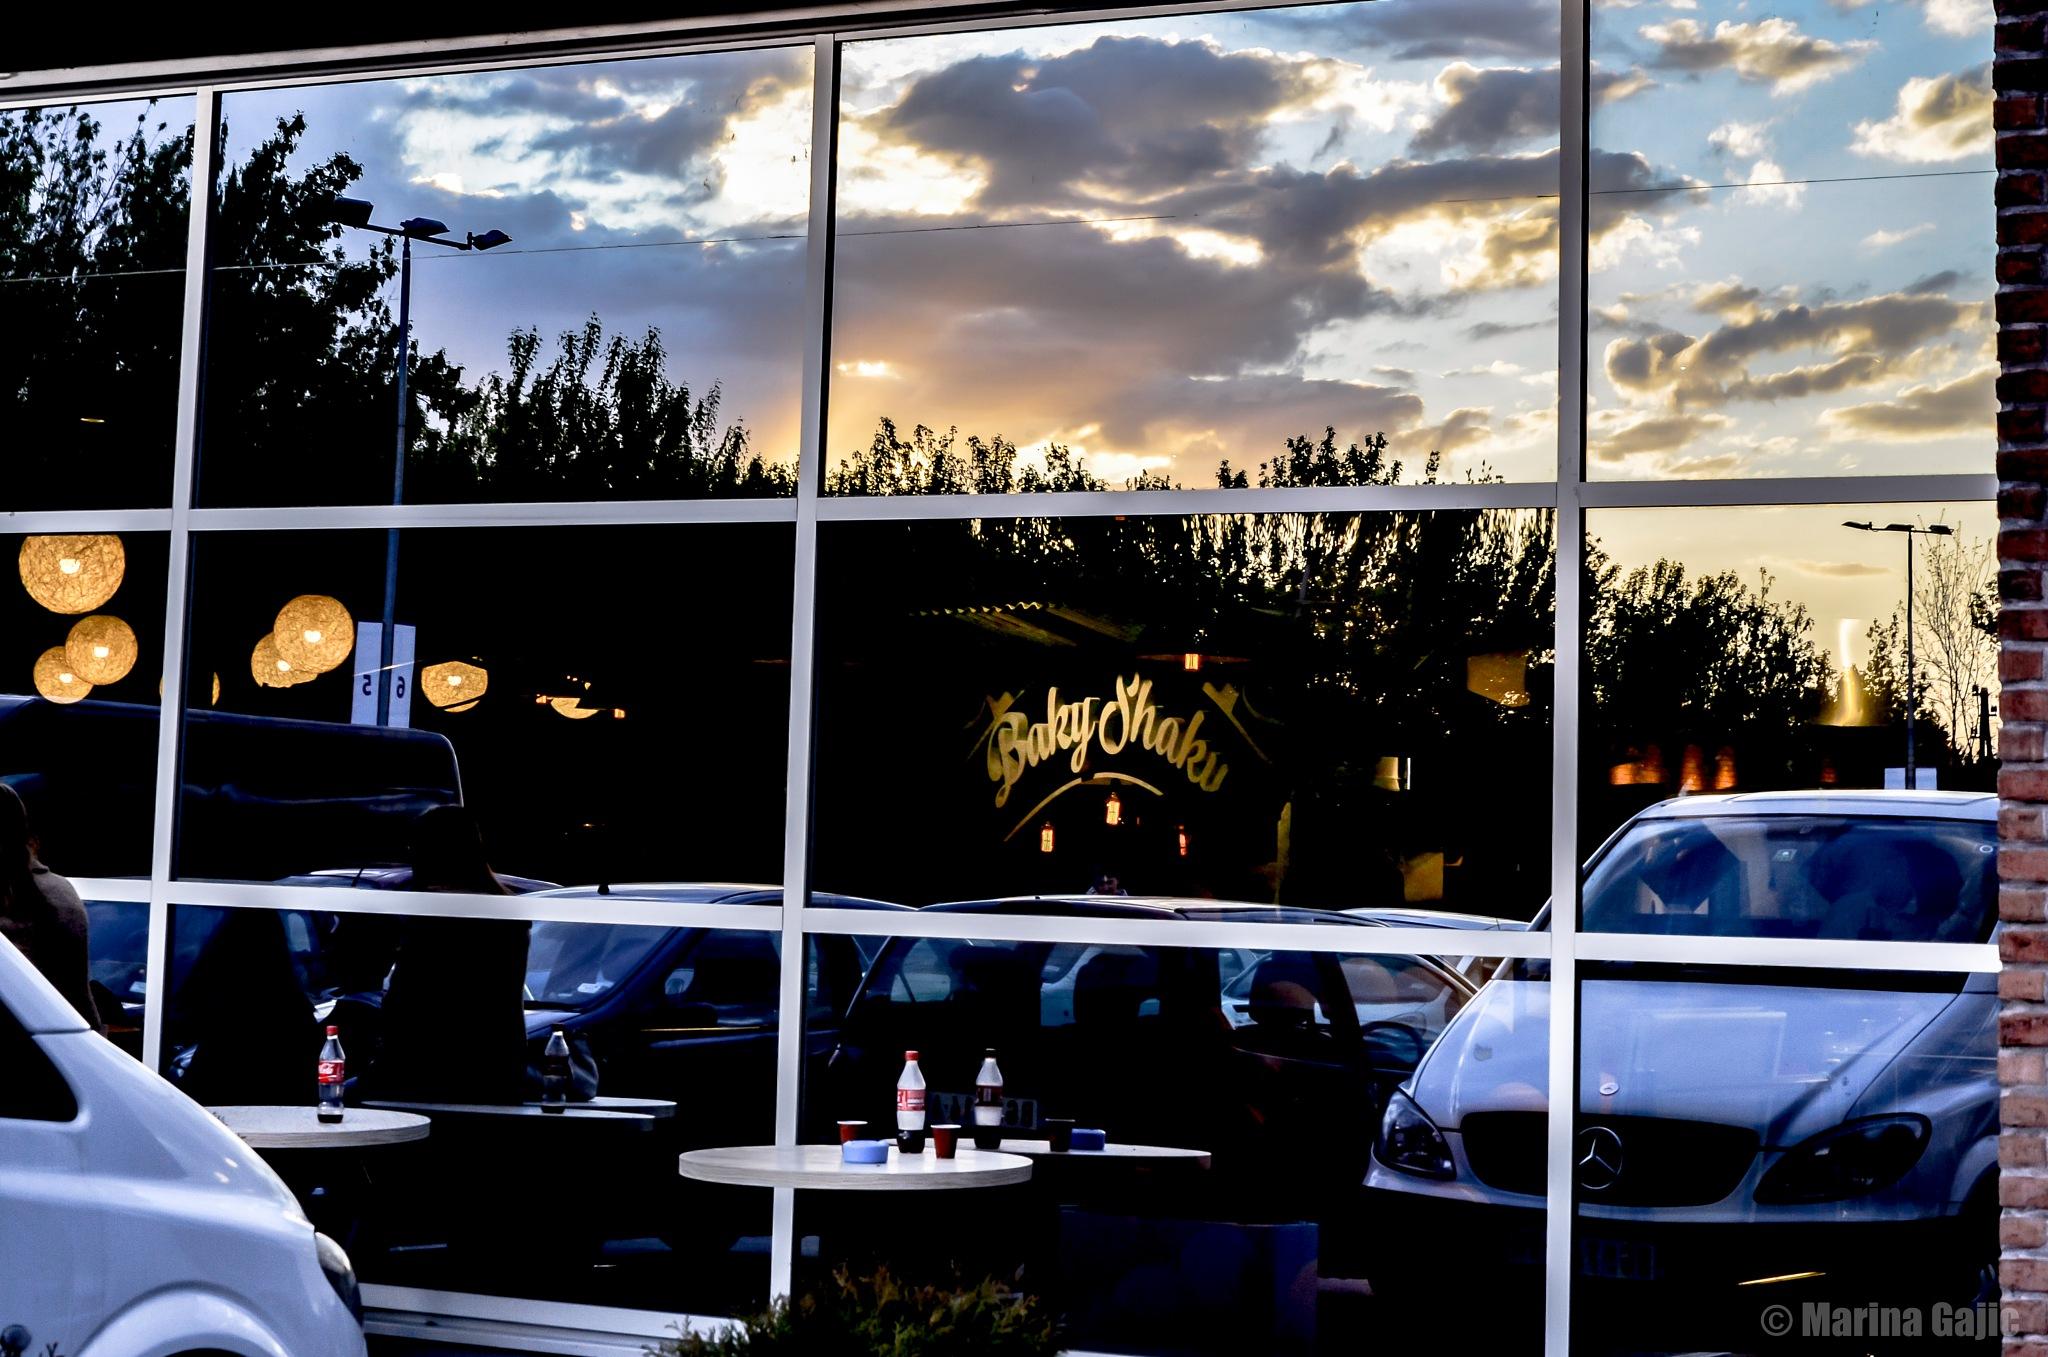 Reflection sunset by Marina Gajic